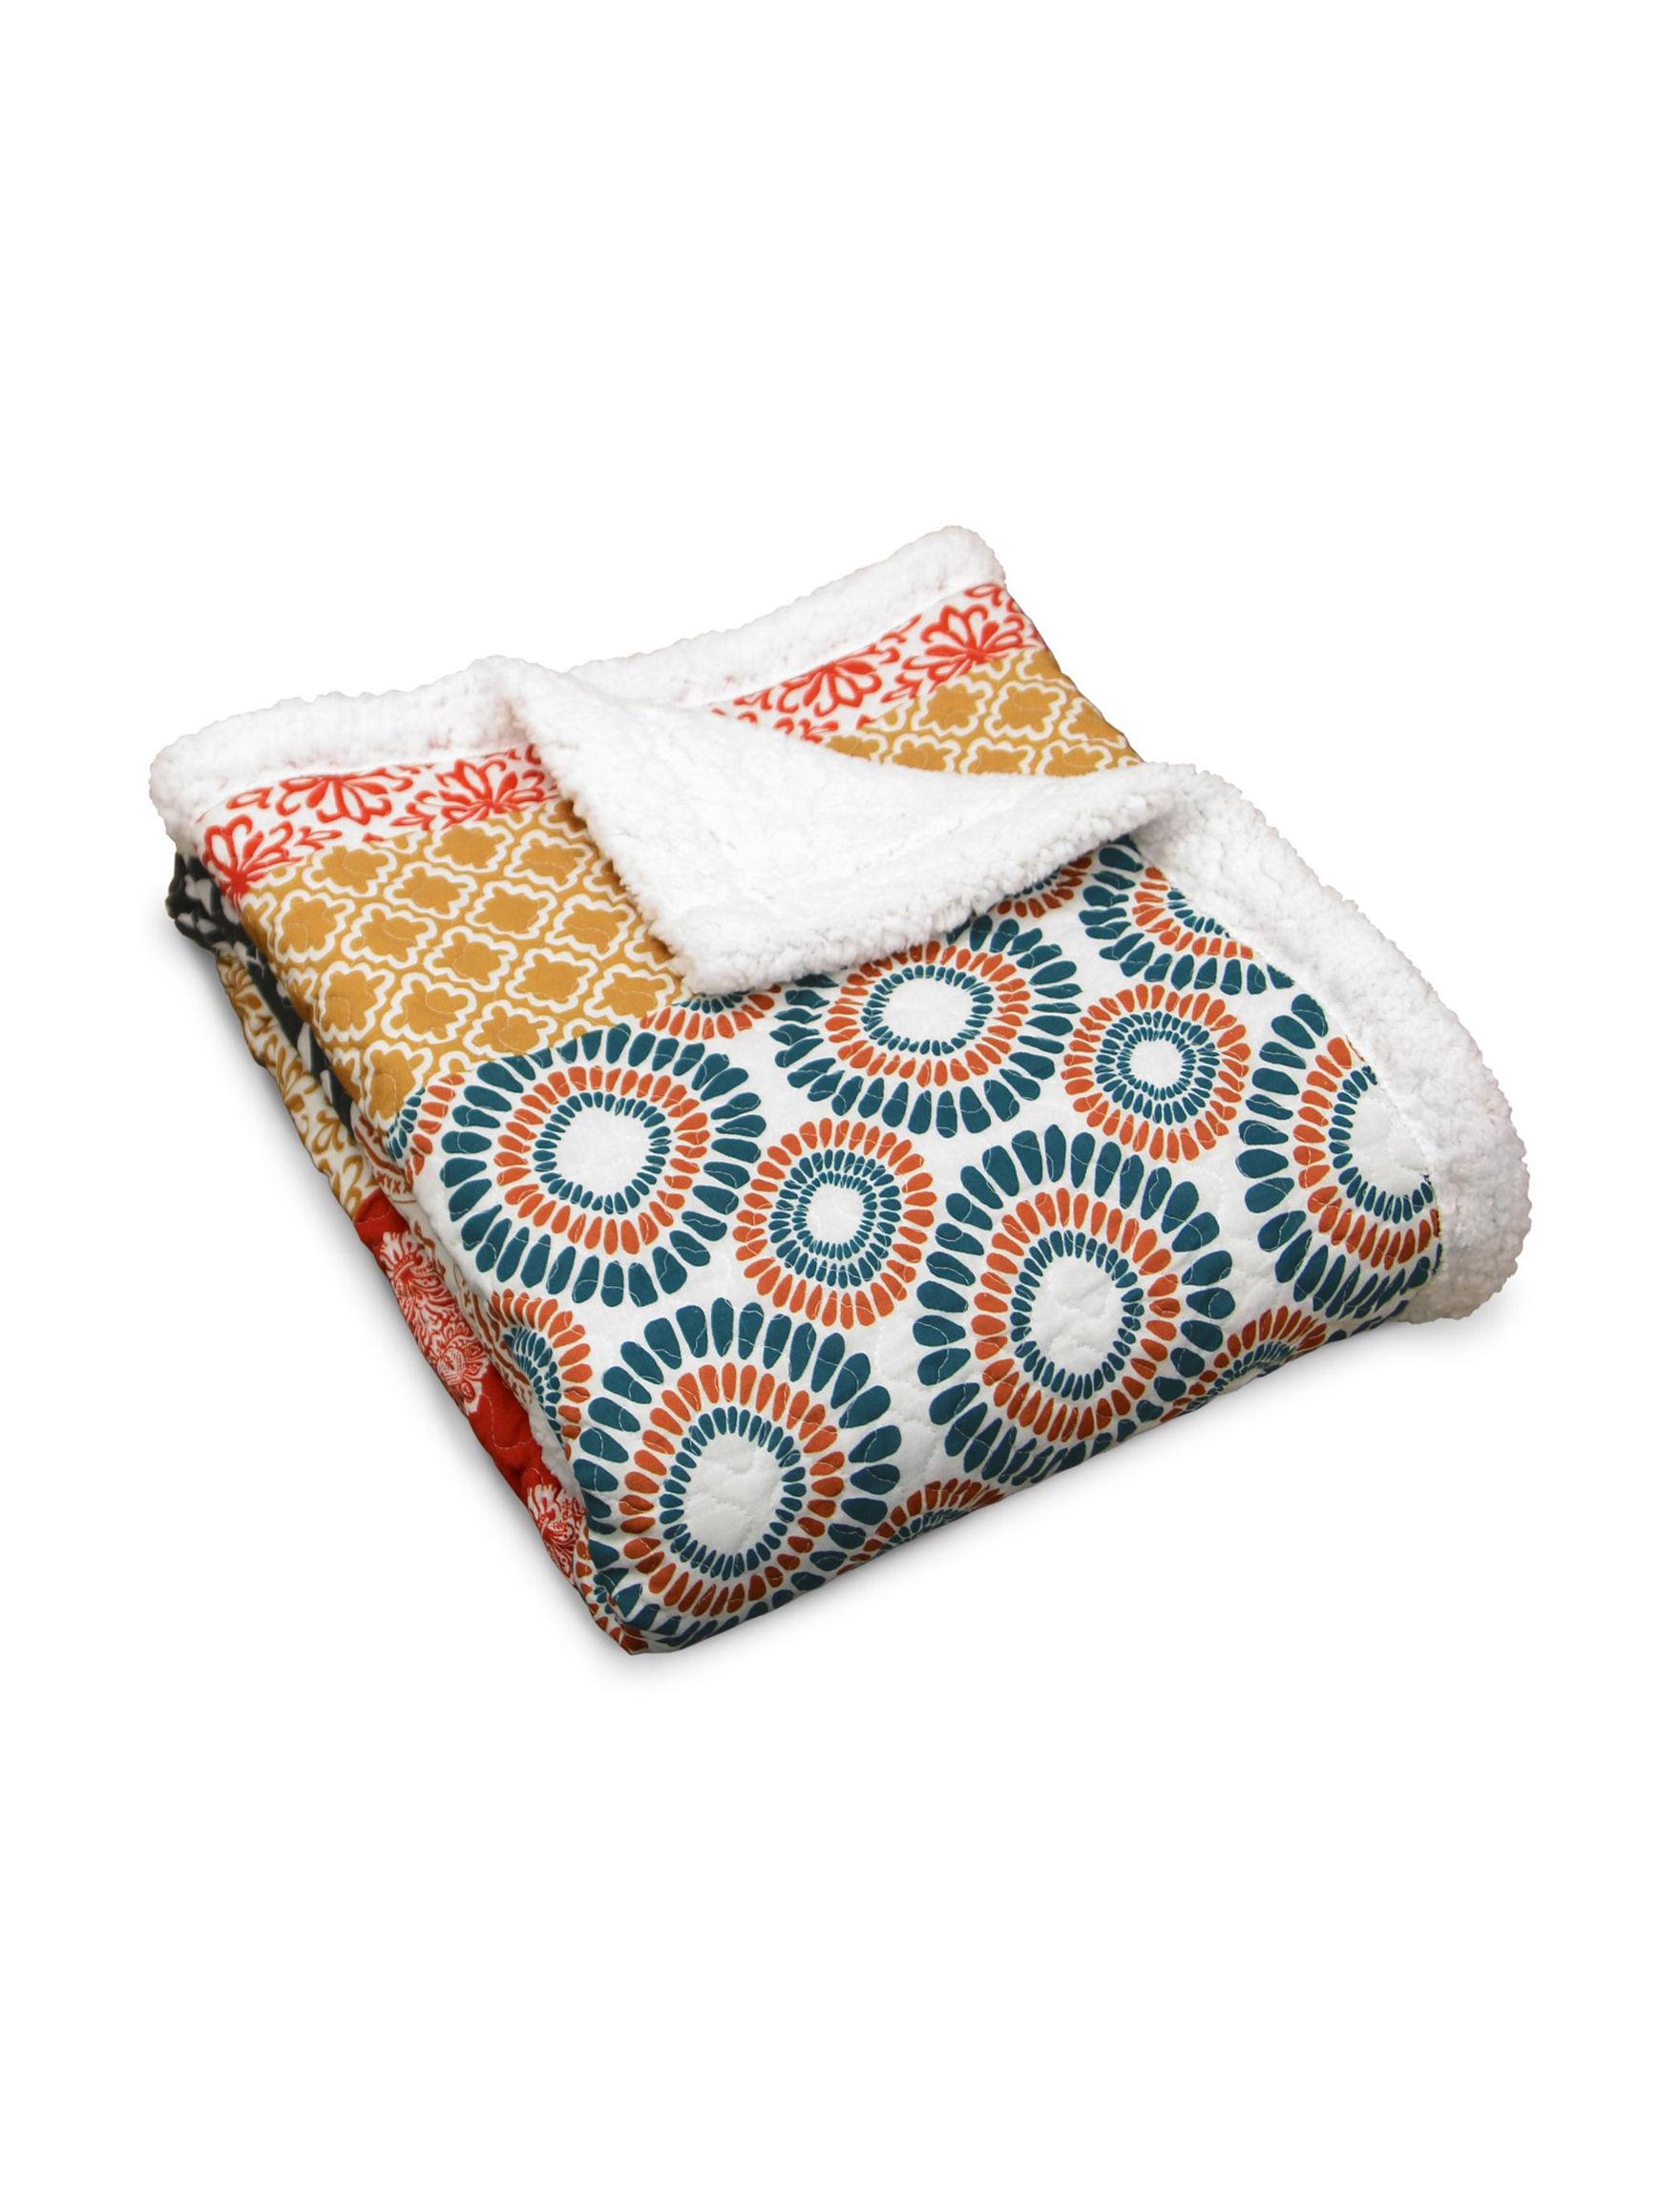 Lush Decor Turquoise/ Orange Blankets & Throws